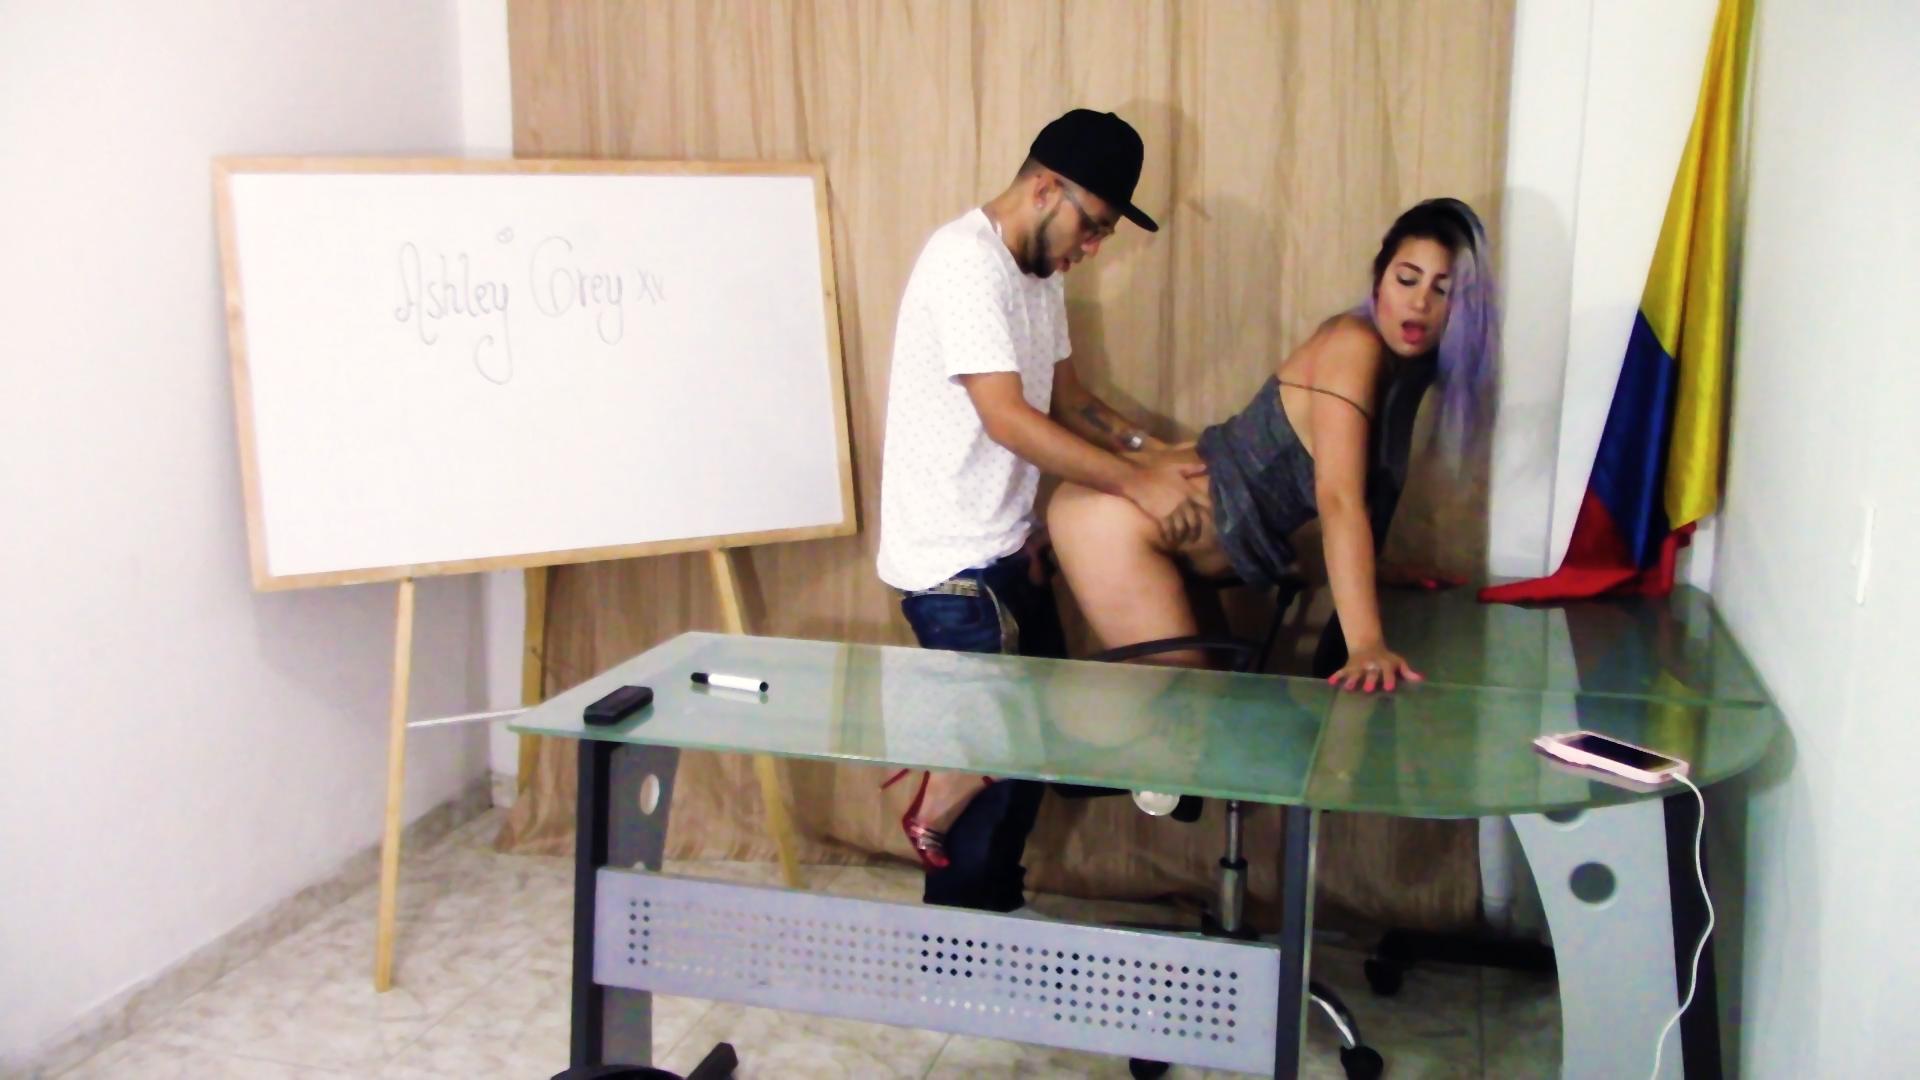 Actrices Porno De Costariqueña ashley greyxx fast sex before meeting | ashley grey